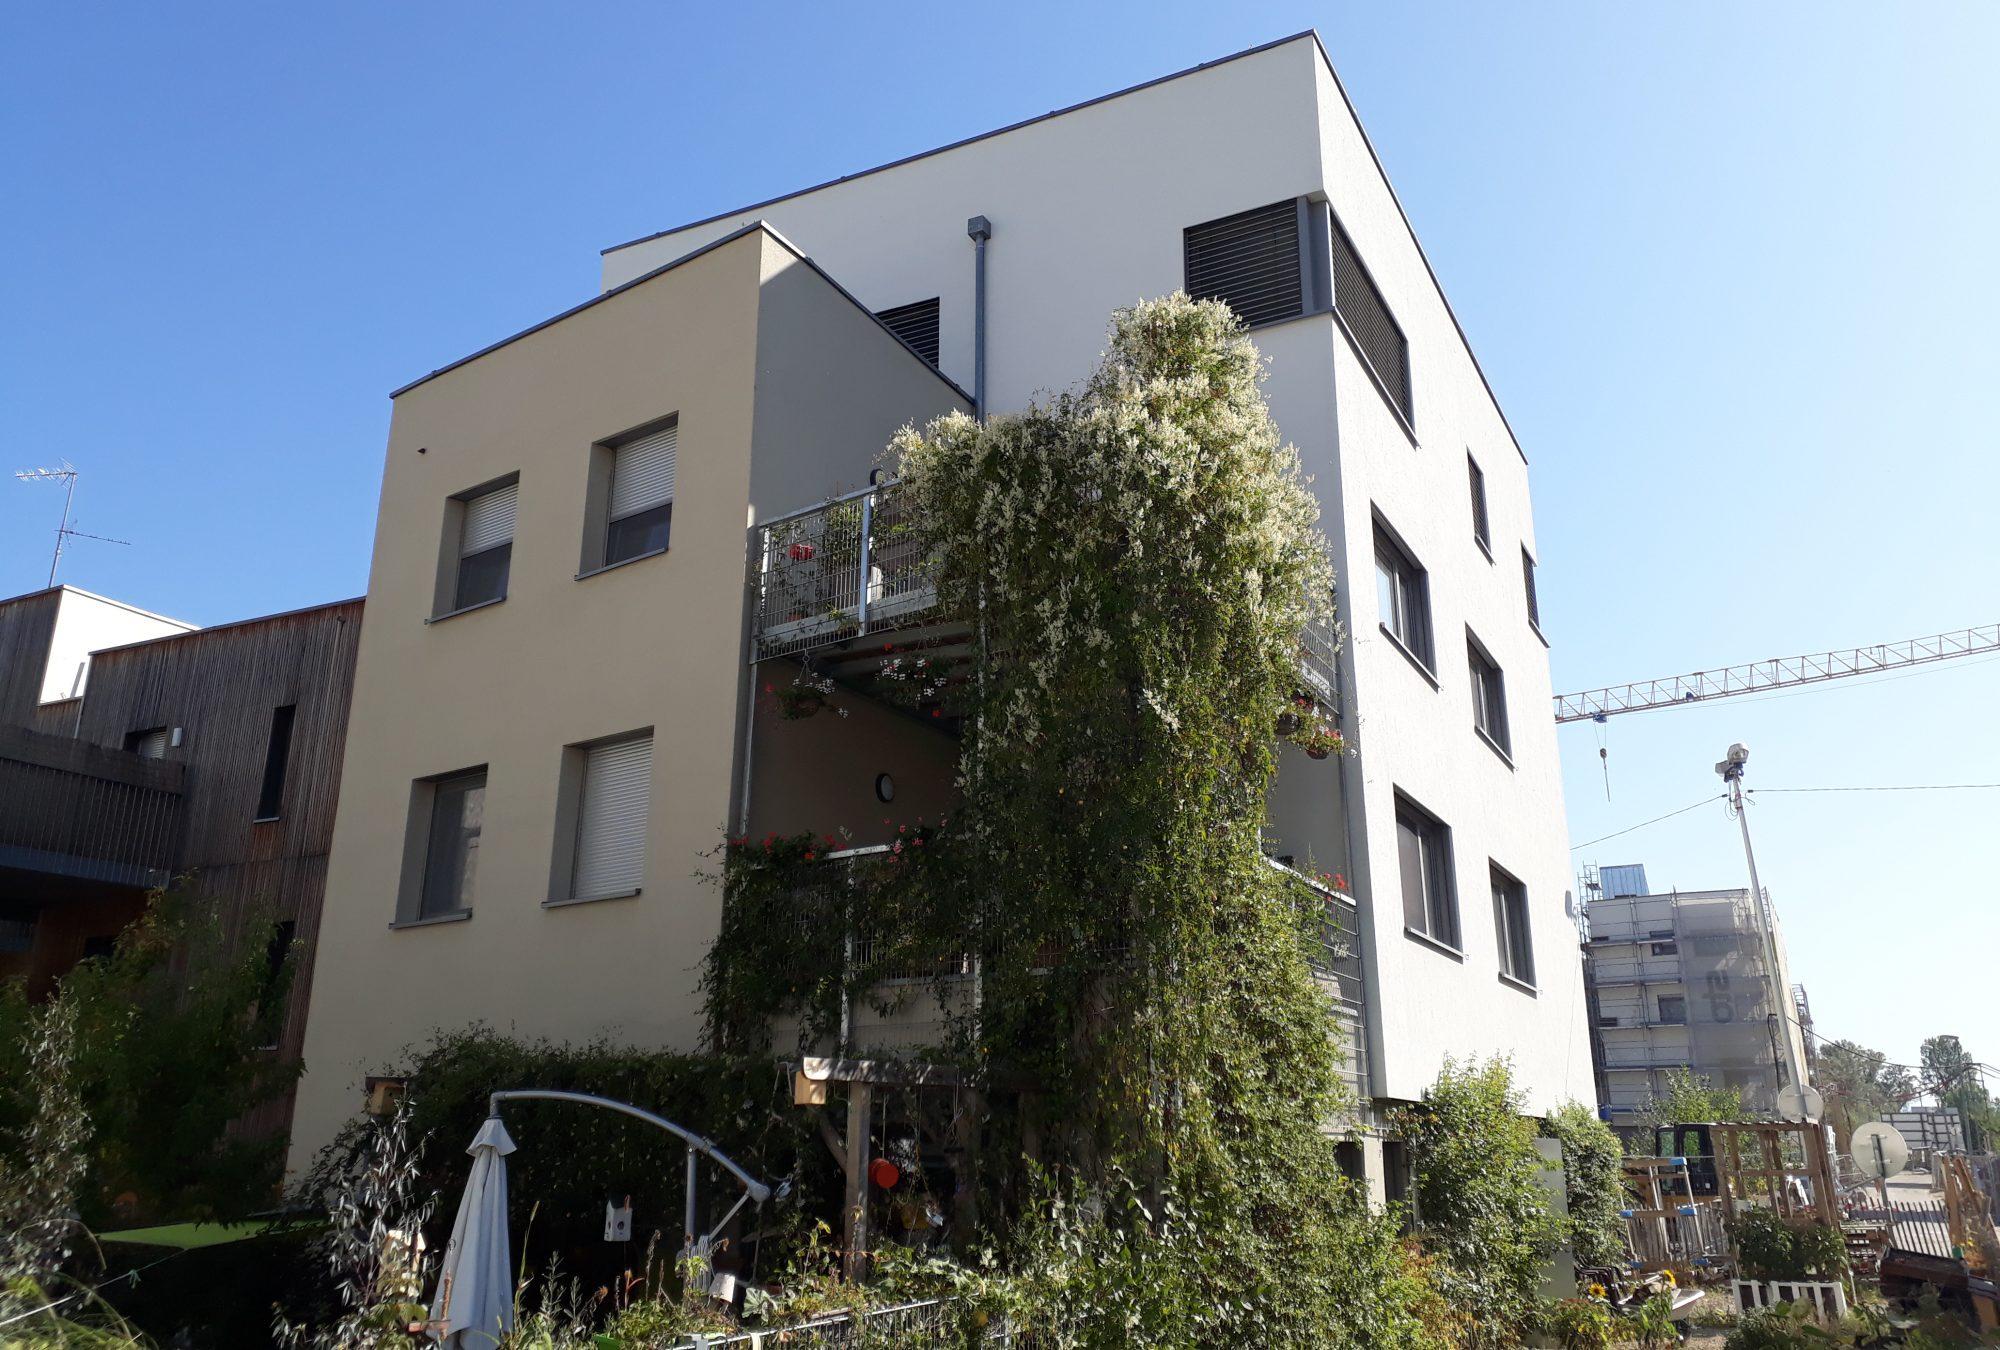 Quatr'o Danube - habitat participatif à Strasbourg